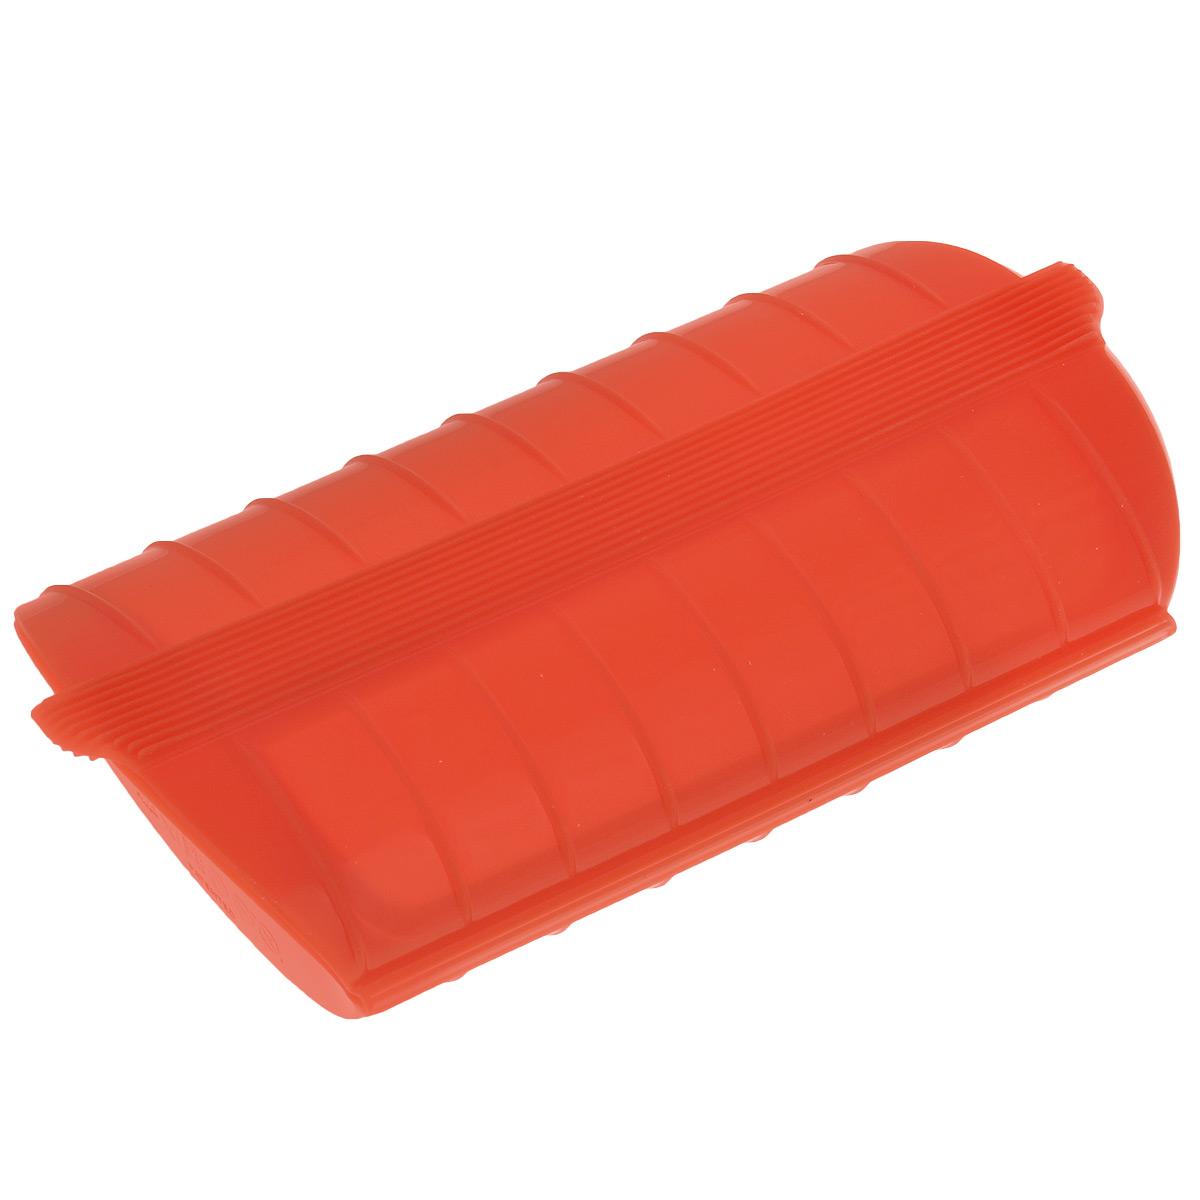 Конверт для запекания Lekue, силиконовый, цвет: красный3404600R10U004Конверт для запекания Lekue изготовлен из высококачественного пищевого силикона, который выдерживает температуру от -60°С до +220°С. Благодаря особым свойствам силикона, продукты остаются такими же сочными, не пригорают и равномерно пропекаются. Конверт делает оптимальным приготовление пищевых продуктов, делая более интенсивным вкус каждого из них и сохраняя все содержащиеся в них питательные вещества. Для конверта предусмотрен съемный внутренний поддон-решетка, который позволит стечь лишнему жиру и соку во время размораживания, хранения и приготовления. Приготовление пищи можно производить с поддоном или без него, в зависимости от желаемого результата. Конверт закрывается, поэтому жир не разбрызгивается по стенкам духовки. Приготовленное блюдо легко вынимается из конверта и позволяет приготовить одновременно до четырех порций. Идеально подходит для приготовления мяса, курицы или рыбы. В дополнение к основным достоинствам конверта для запекания с поддоном - он...